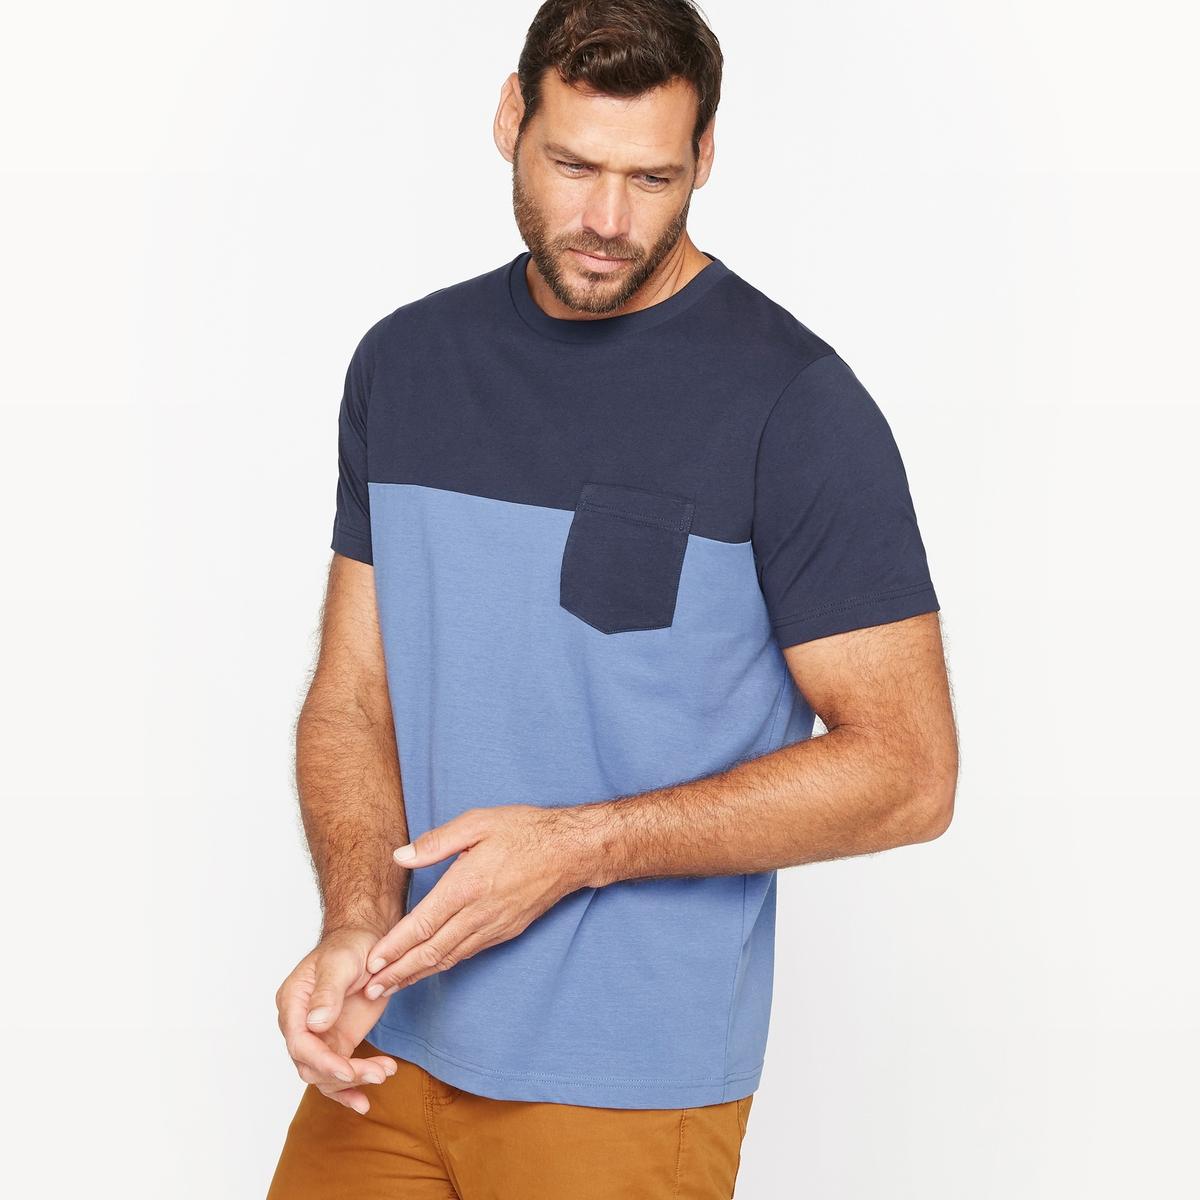 Футболка двухцветная, 100% хлопка, с нагрудным карманомОбратите внимание, что бренд Taillissime создан для высоких, крупных мужчин с тенденцией к полноте. Чтобы узнать подходящий вам размер, сверьтесь с таблицей больших размеров на сайте.<br><br>Цвет: темно-синий/ синий<br>Размер: 62/64.74/76